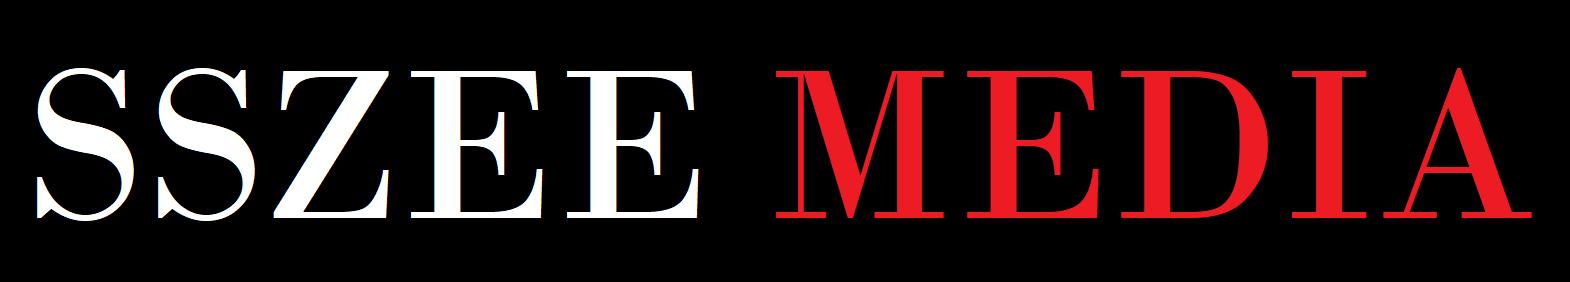 SSZEE MEDIA